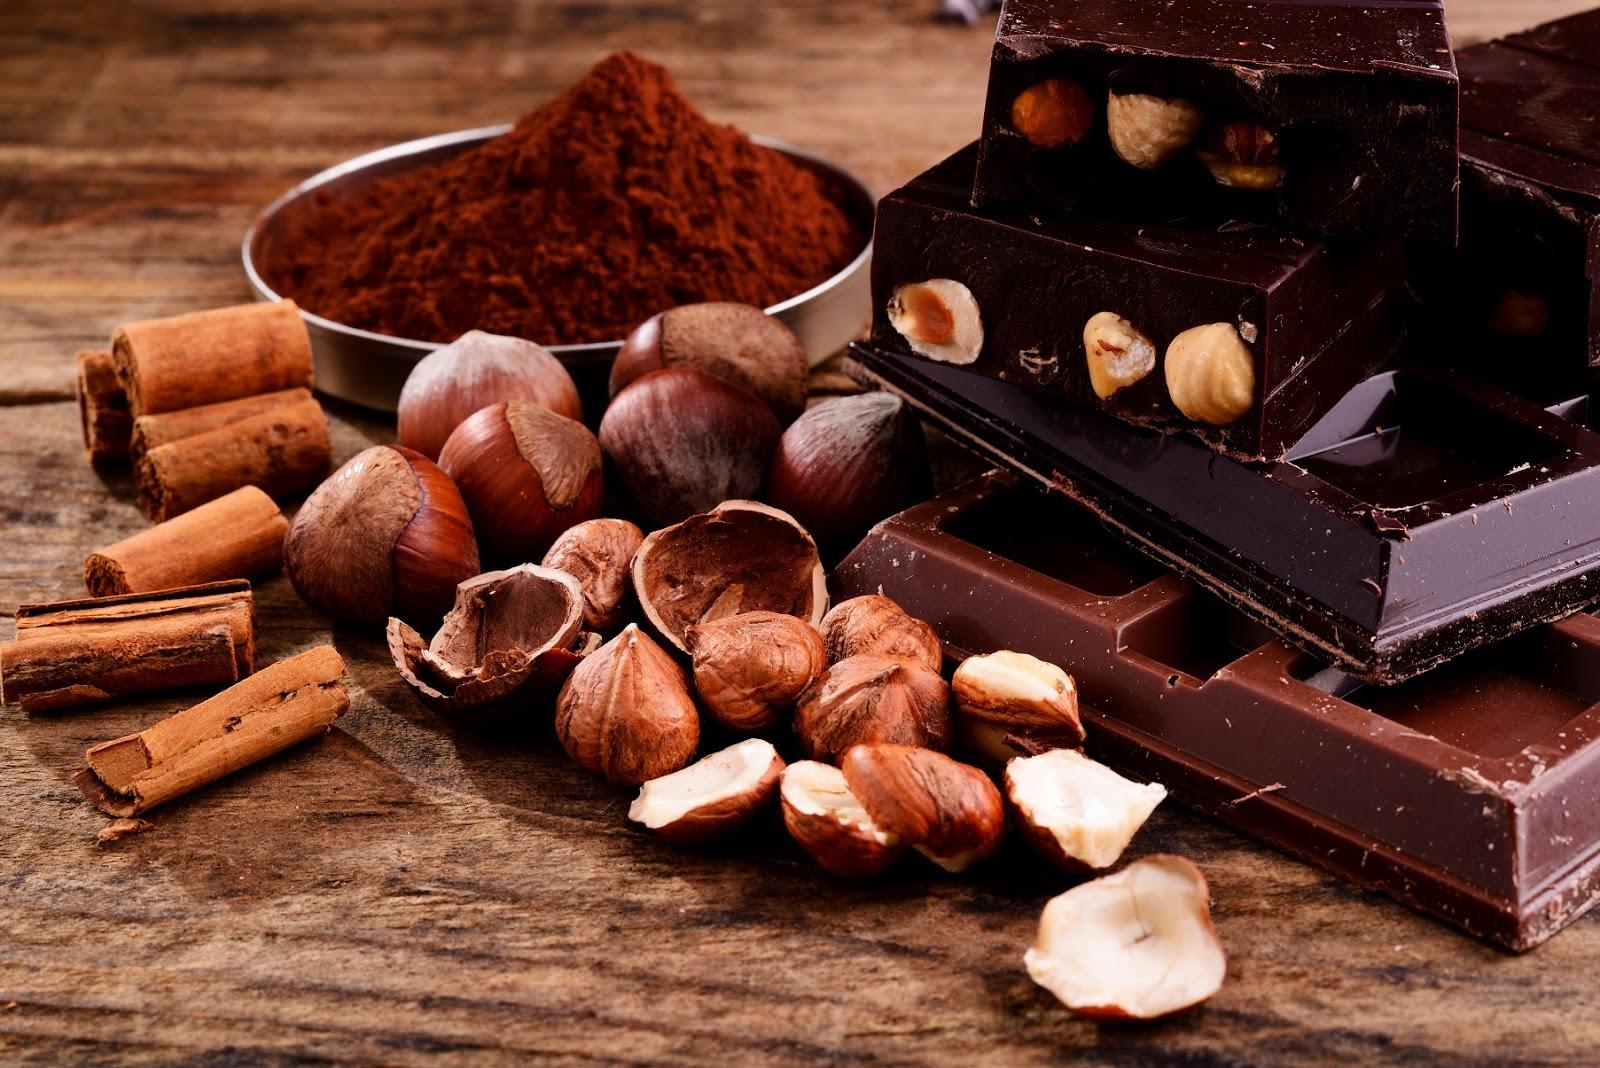 Сколько калорий в шоколаде?